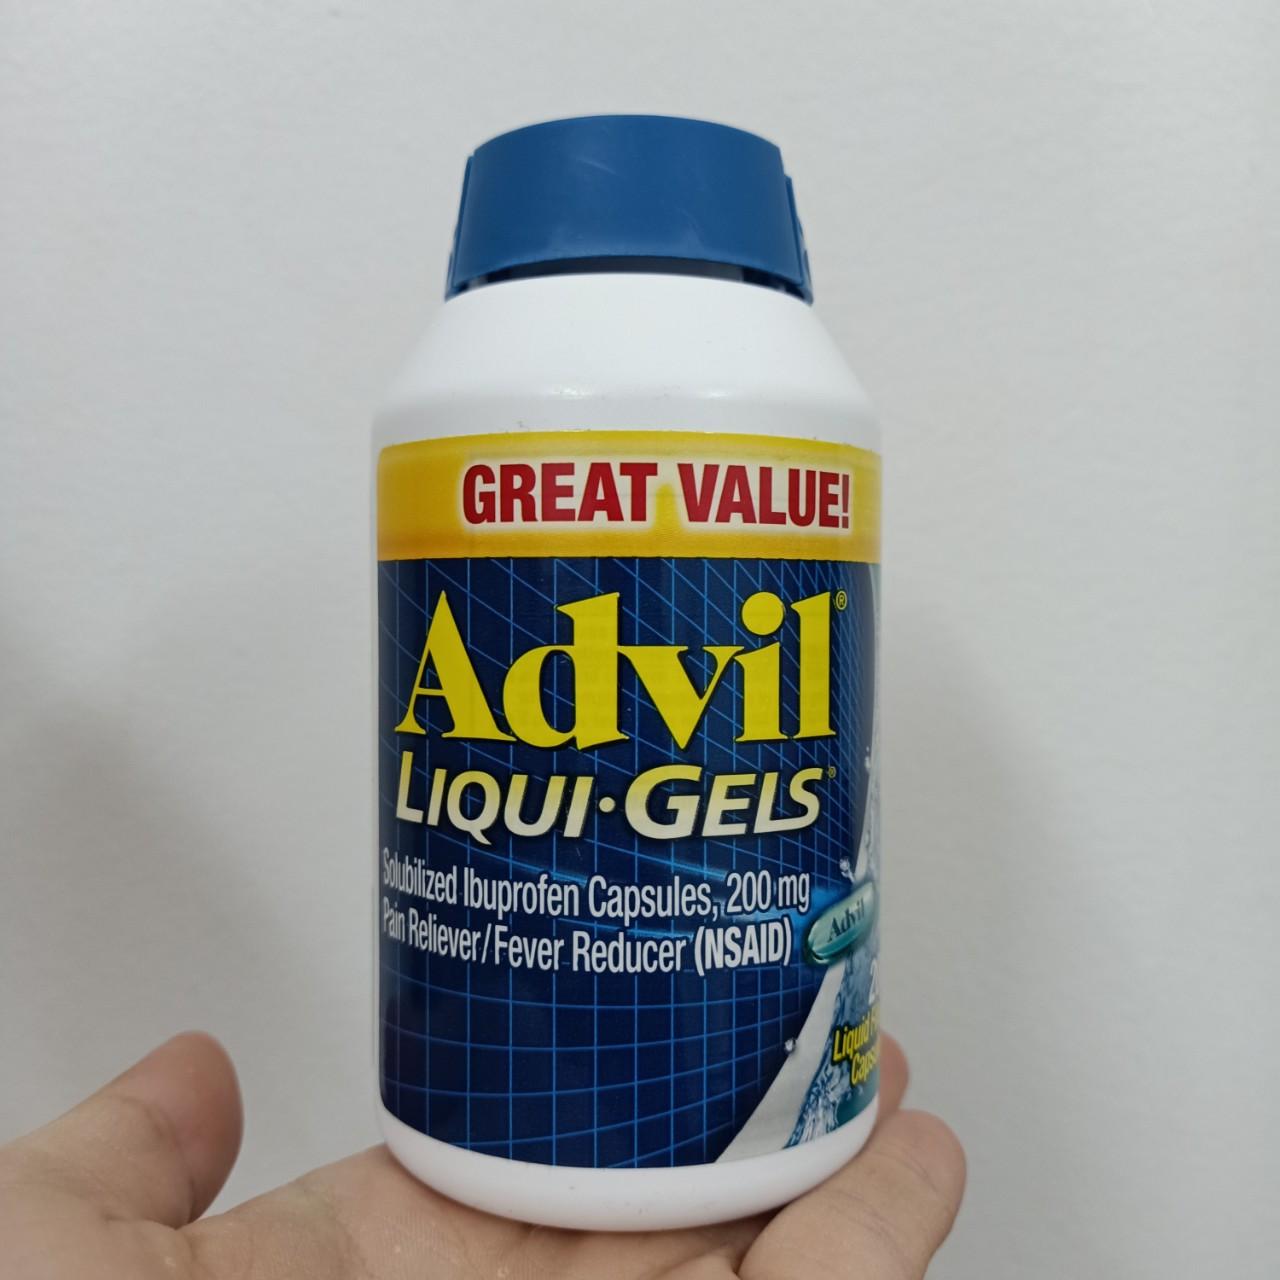 Viên uống Advil Liqui. Gels 200 viên của Mỹ